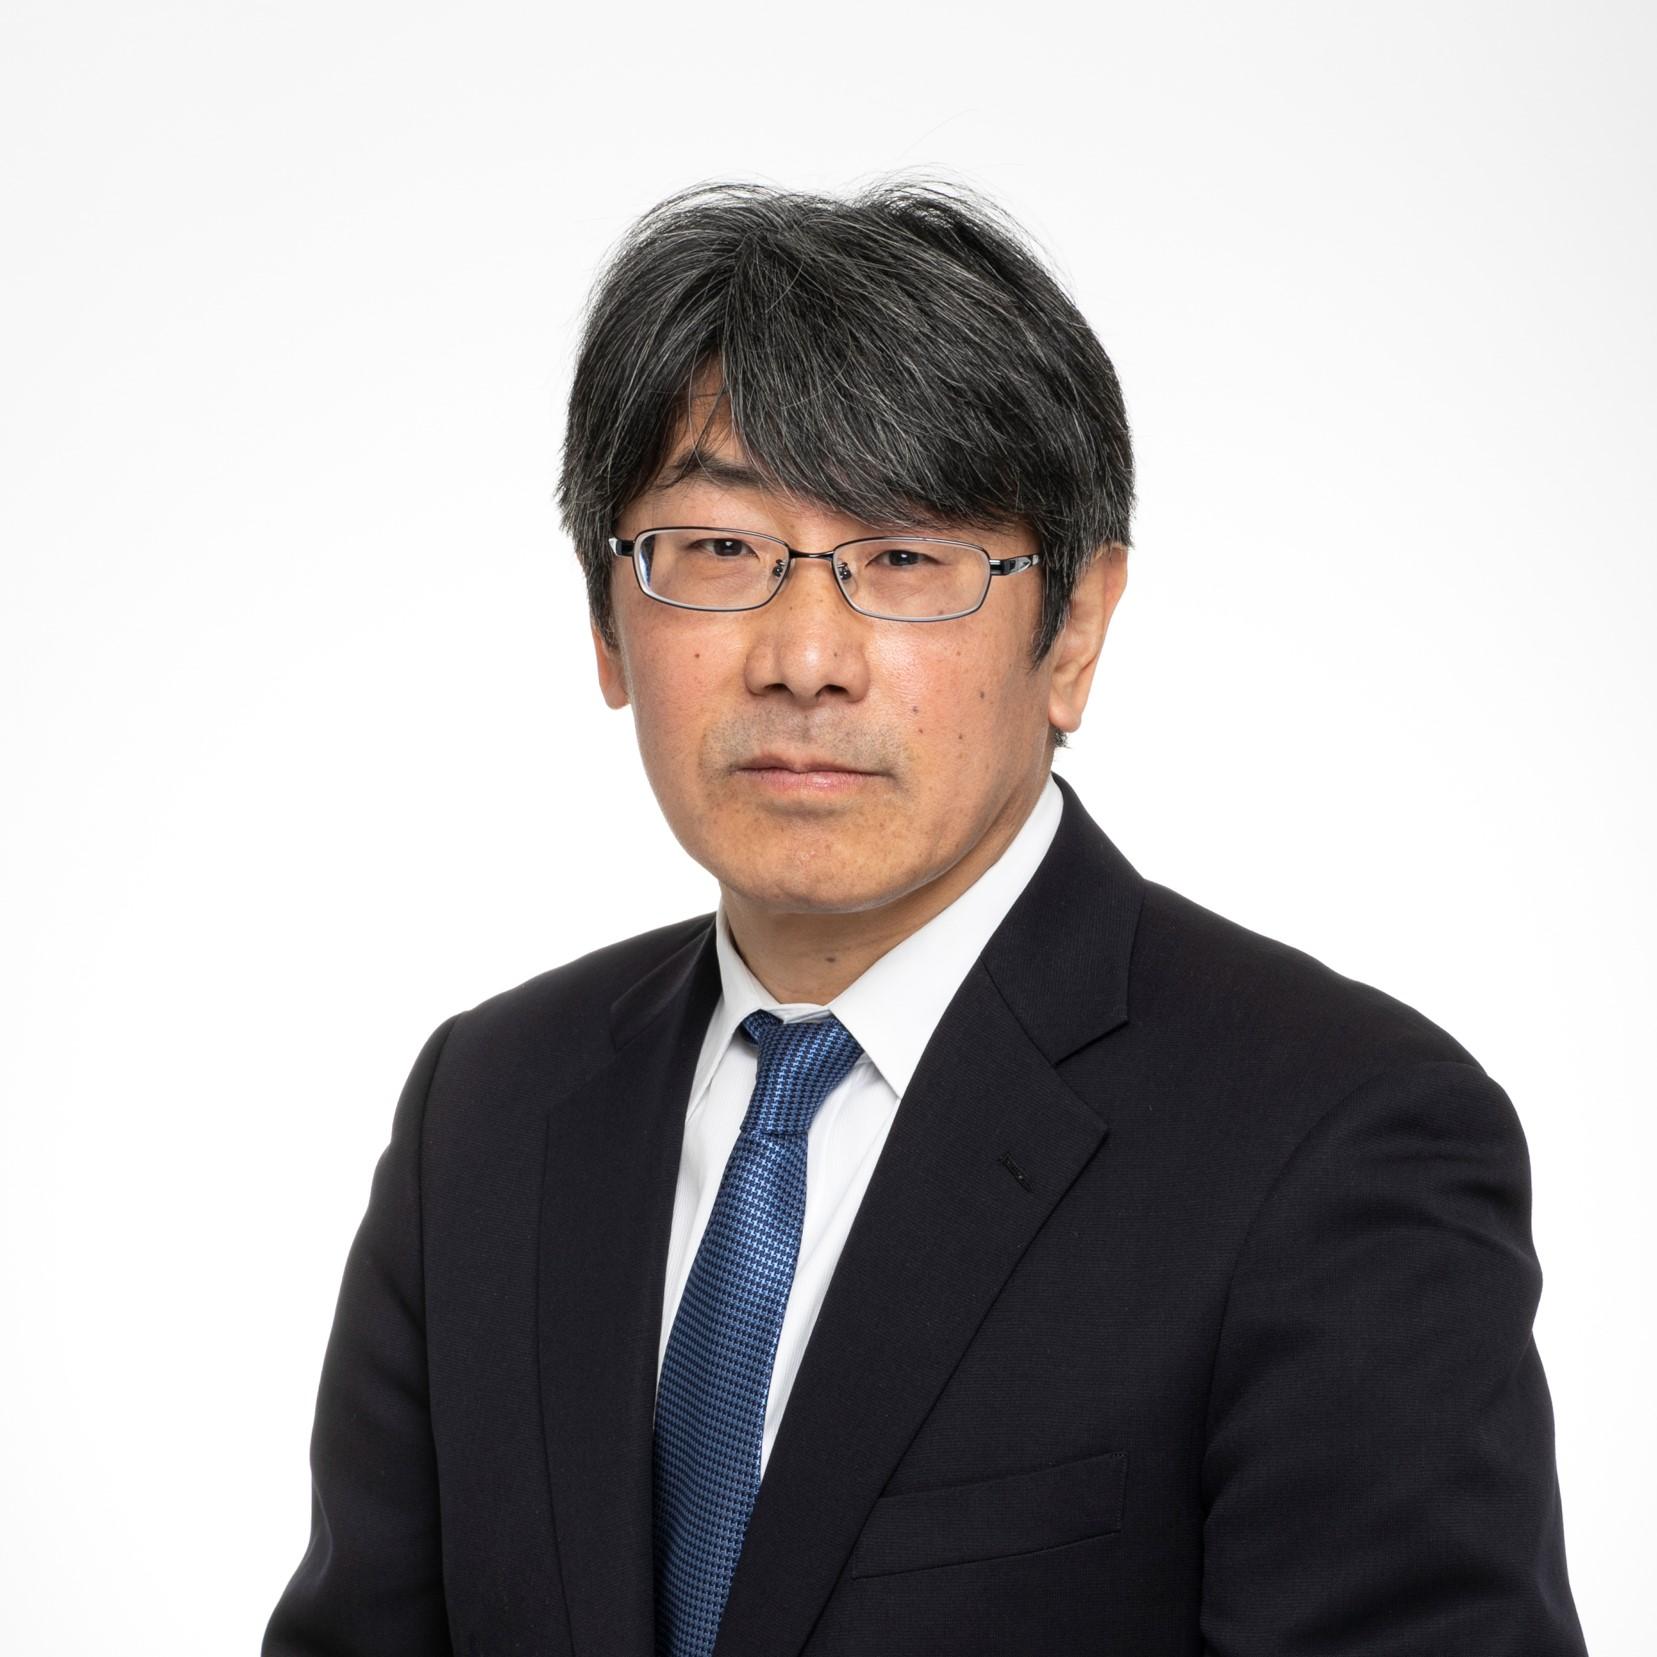 Hiroyuki Okon